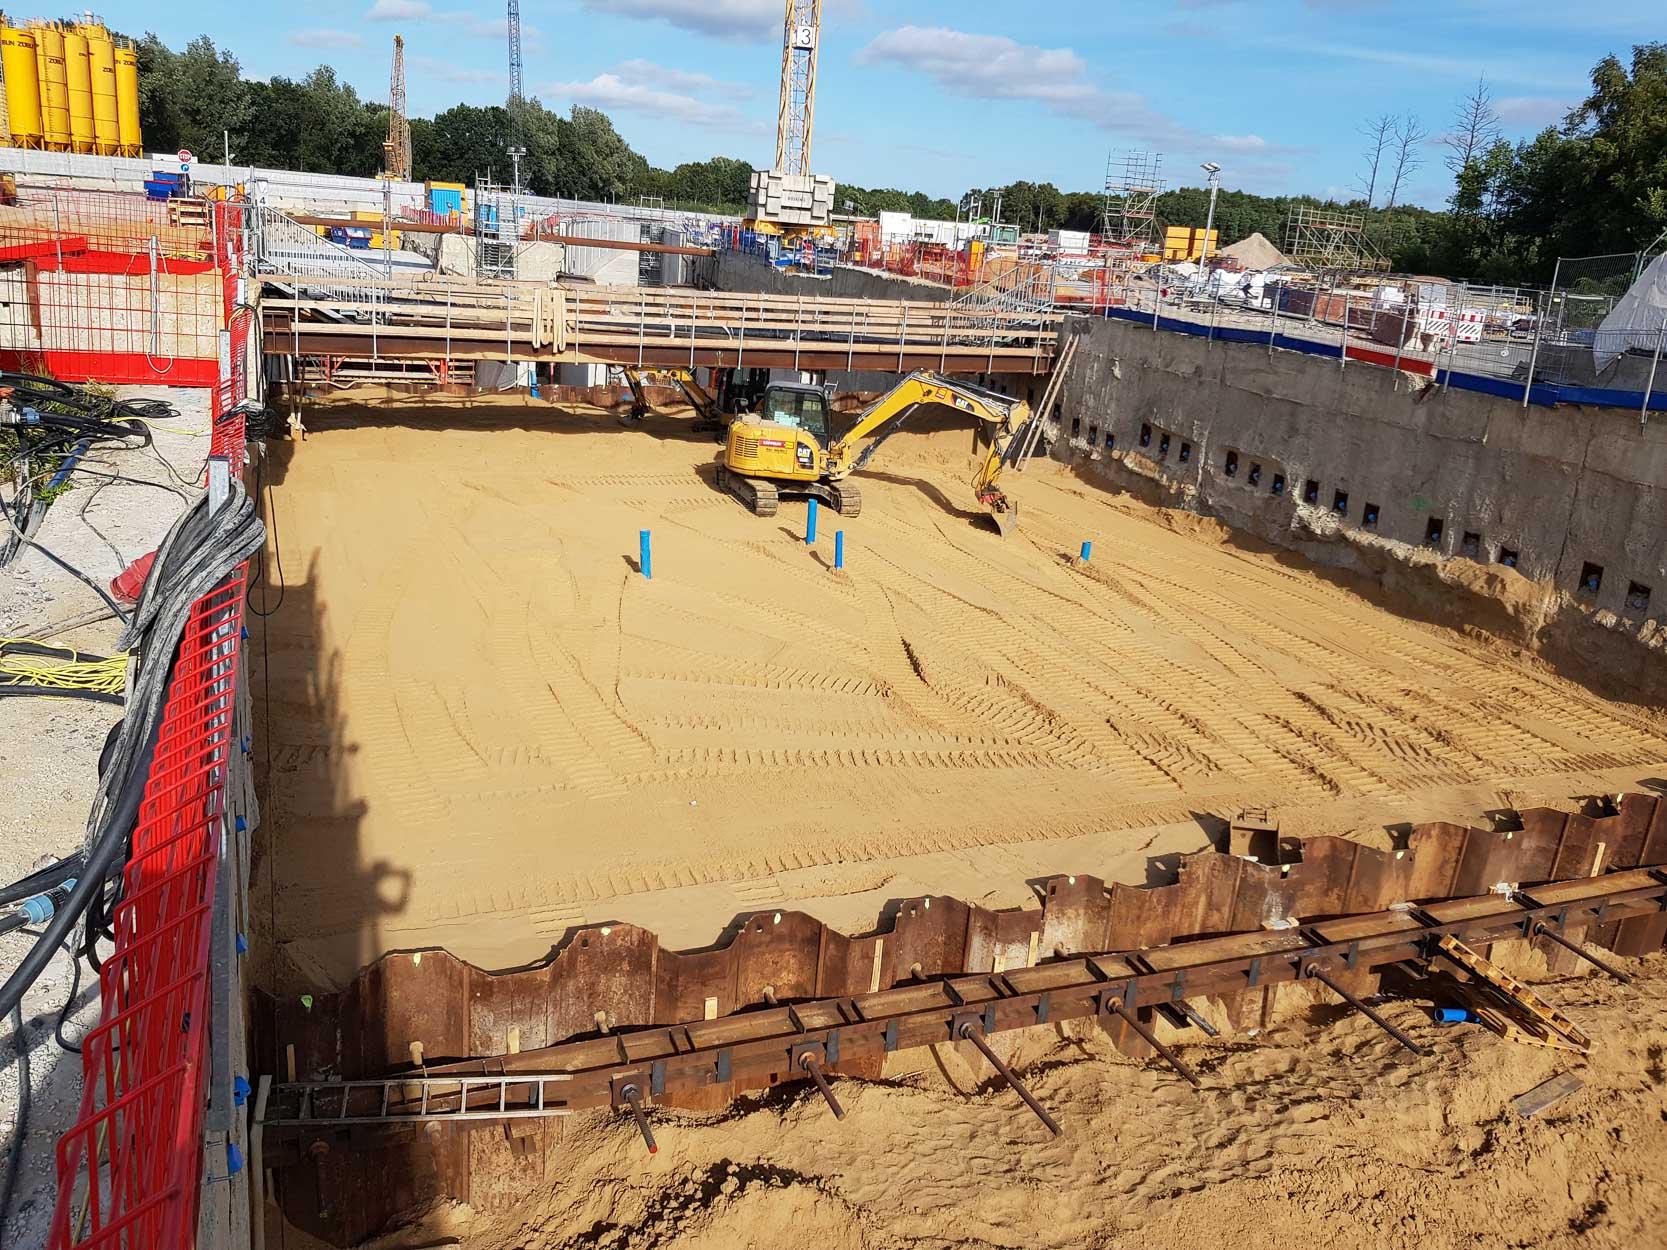 Sterk Spezialtiefbau - Fangedamm Hafentunnel Bremerhaven